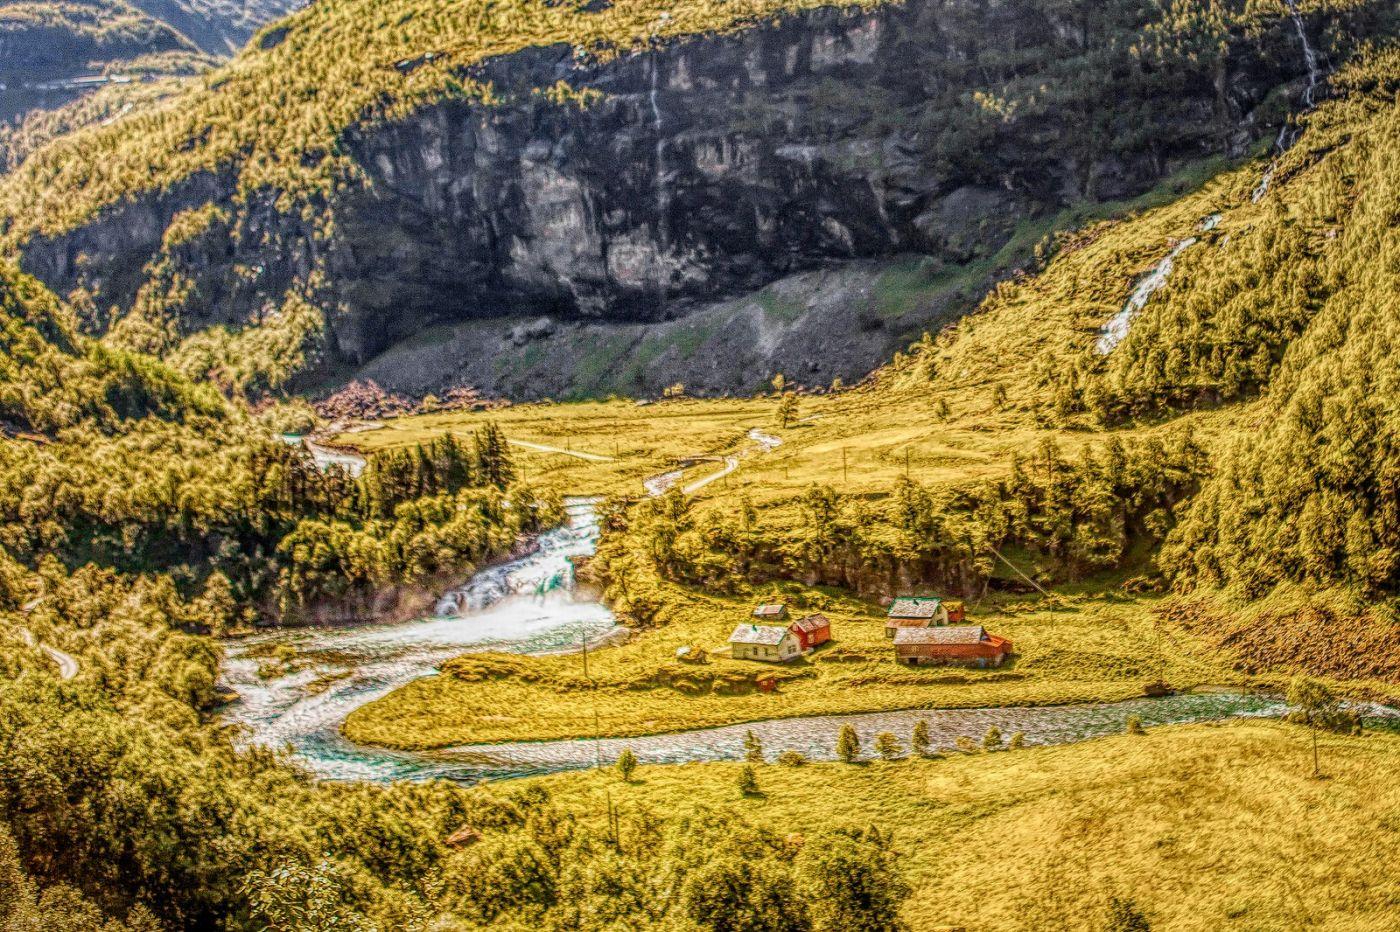 挪威弗拉姆铁路(Flam Railway),沿路的山水_图1-10